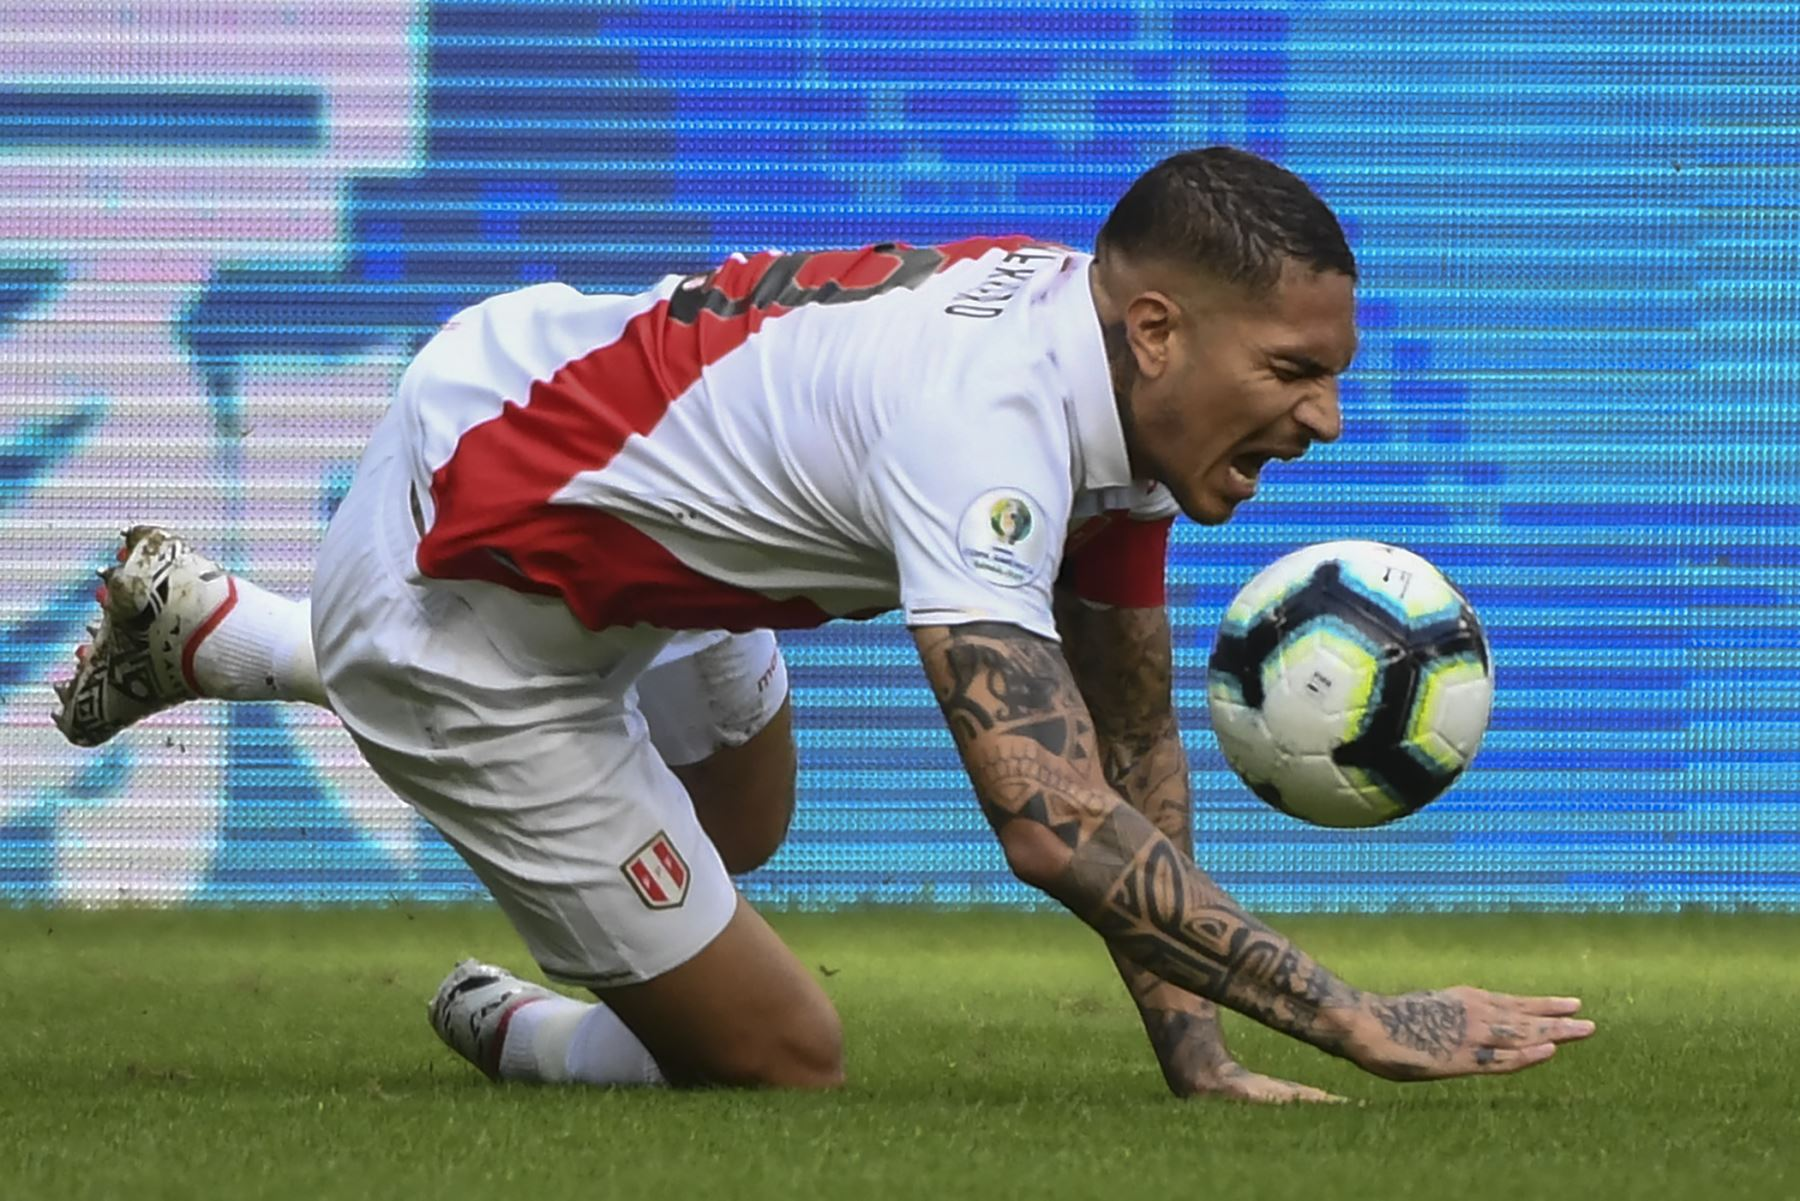 Paolo Guerrero, de Perú, cae durante el partido de torneo de fútbol de la Copa América contra Perú en Brasil. Foto:AFP